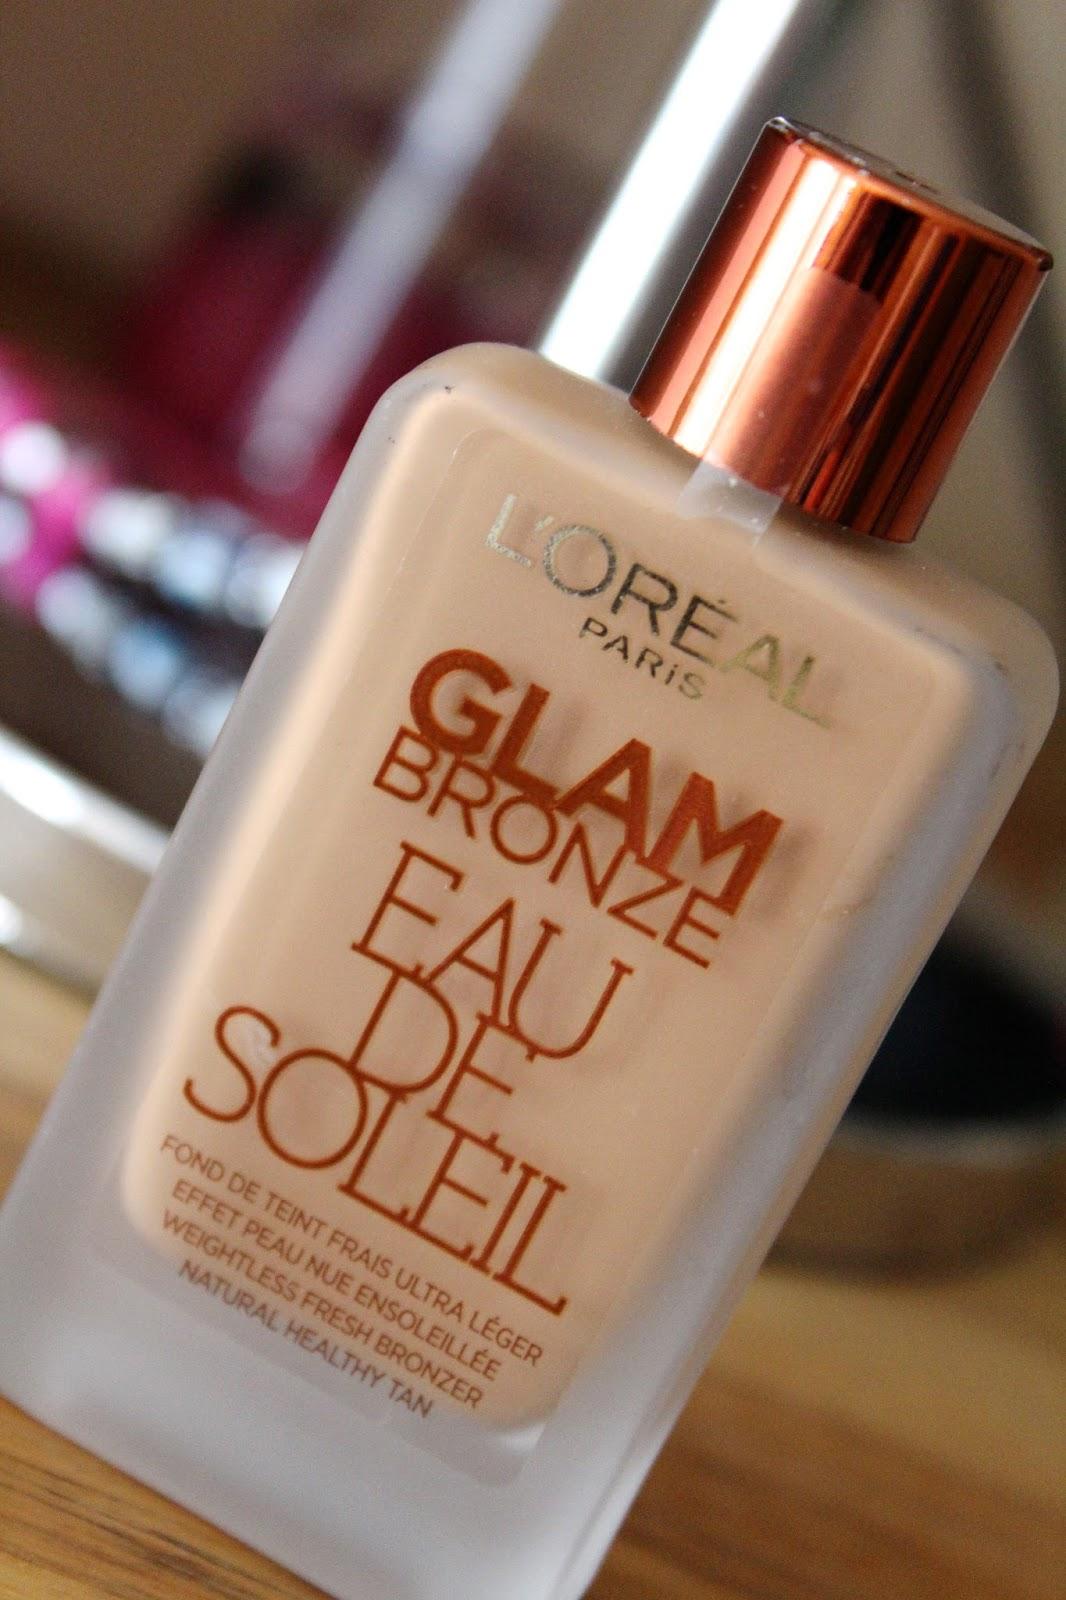 L'oreal Paris Glam Bronze Eau De Soleil (tekući bronzer)